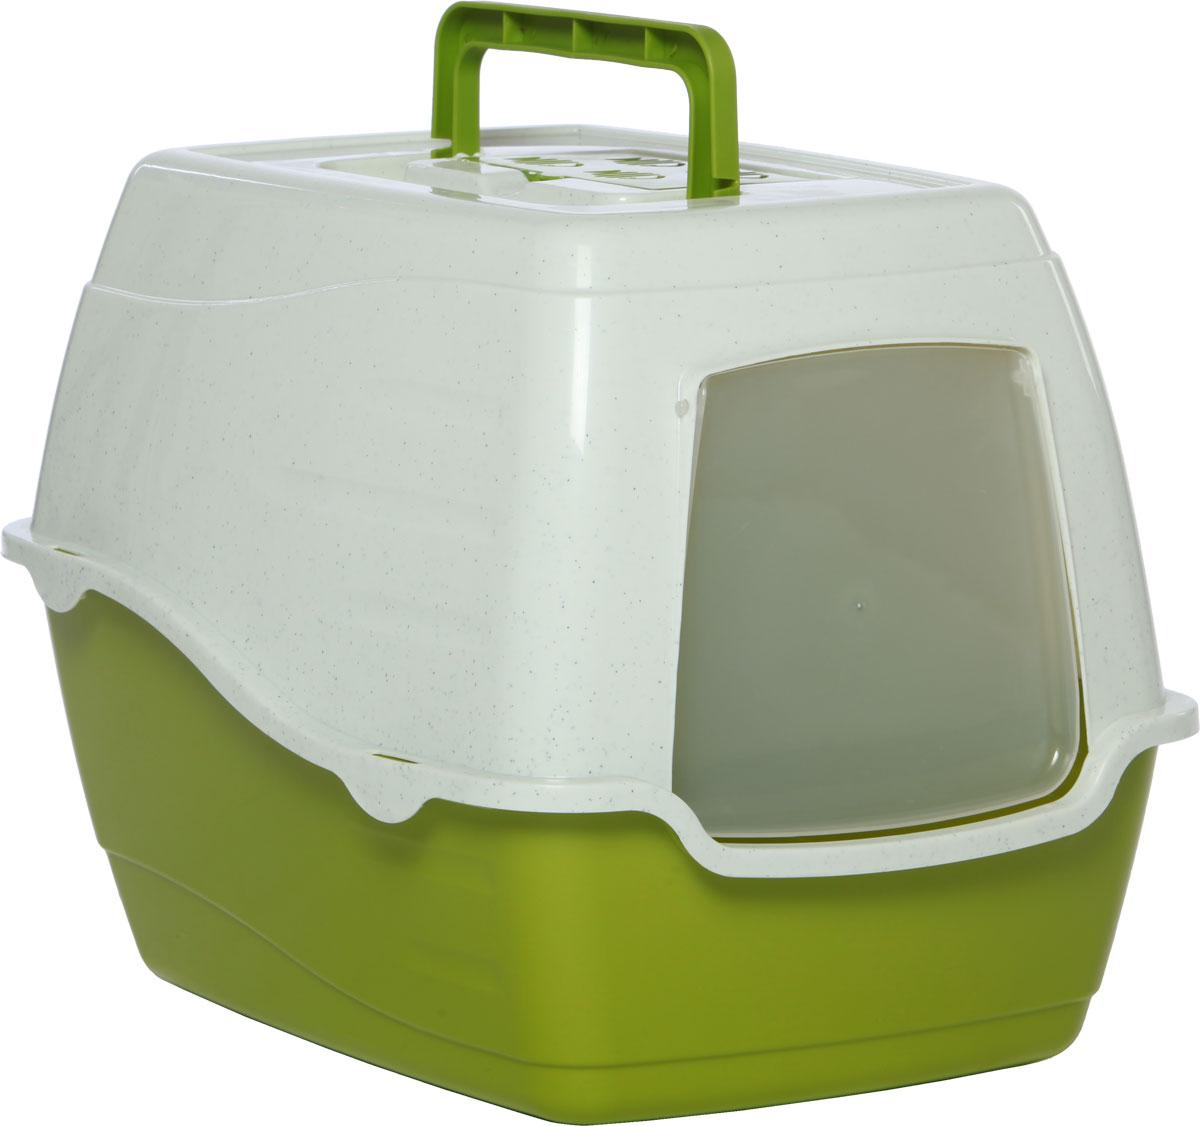 Туалет-лоток для кошек, цвет: оливковый, молочный, 50 x 40 x 39 см. CAT-L20 Oliver GreenCAT-L20 Oliver GreenТуалет-лоток для кошек удерживает неприятные запахи, предотвращает рассыпание наполнителя. Изготовлен из высококачественного пластика, легко моется и не впитывает запахи. Специально разработанная верхняя крышка, облегчает уборку туалета.Благодаря открывающейся фронтальной дверце ваш питомец быстро и удобно попадет в такой туалет-домик.Внутреннее отделение представляет собой глубокий отсек, в котором поместится ваш любимец.Укомплектовано такое изделие фильтром, а также совком, который выполнен с дополнительными отверстиями.Преимущества закрытого туалета очевидны: меньше распространяются неприятные запахи, наполнитель не рассыпается вокруг туалета (особенно актуально для кошек, которые любят покопаться в наполнителе);идеально подходит для кошек, которые любят долго и упорно зарывать, используя при этом не только наполнитель, но и все, что попадет под лапу.Туалет-лоток удобно переносить с помощью верхней пластиковой ручки.